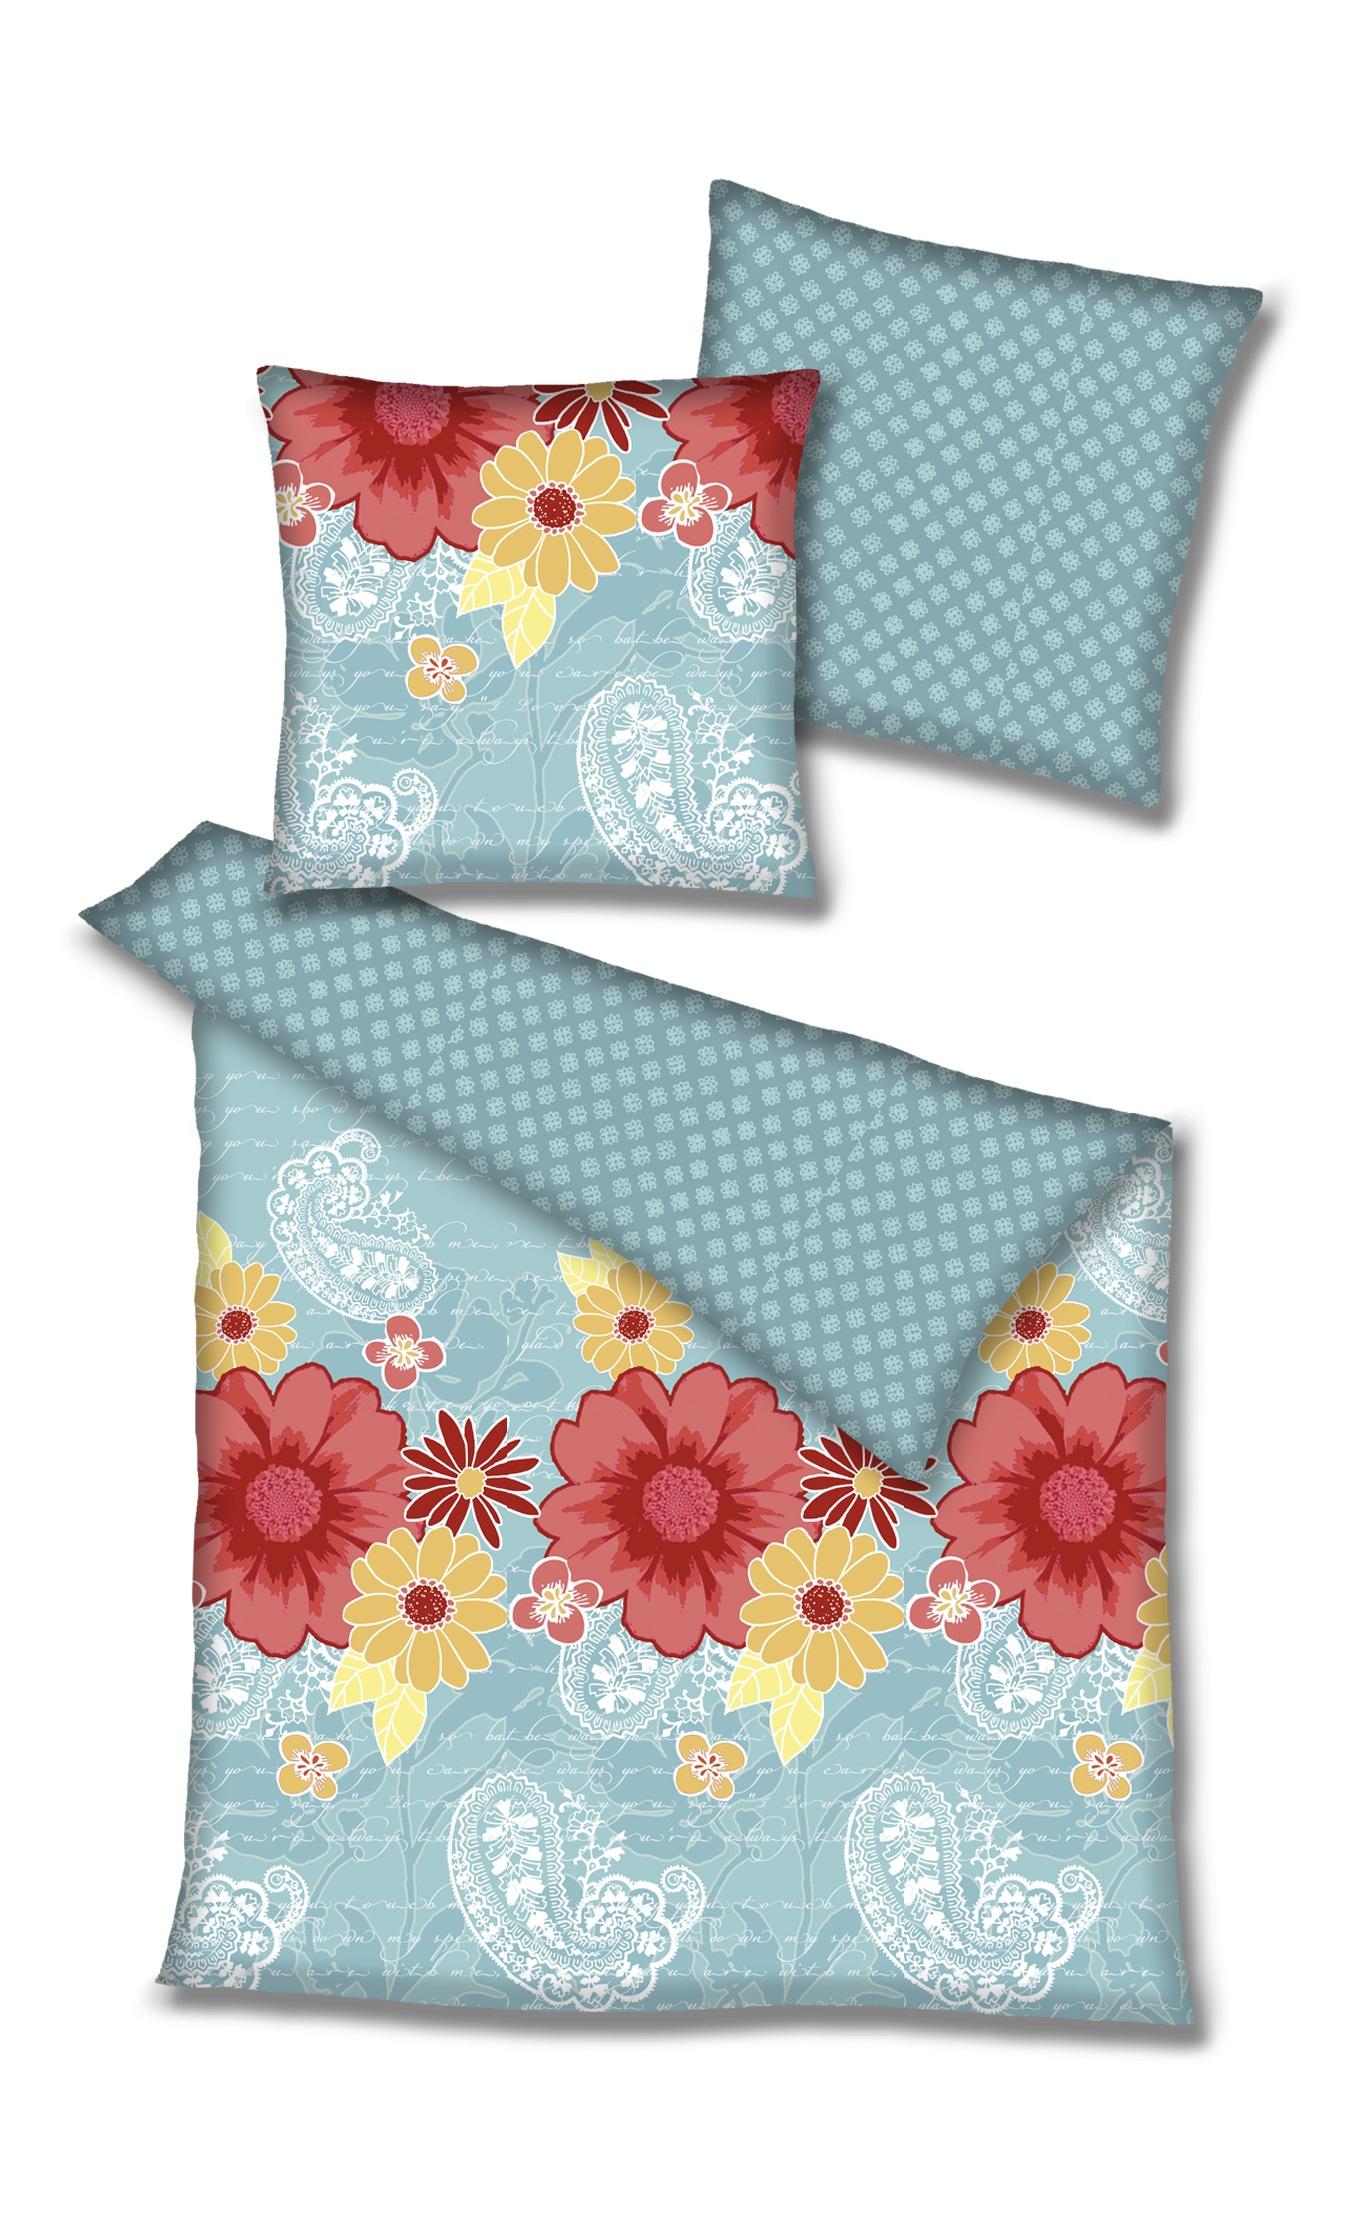 dee1f2d944 Renforce Biancheria da letto double-face, il motivo floreale, colore:  azzurro, 100% cotone, misure: 135x200 ...